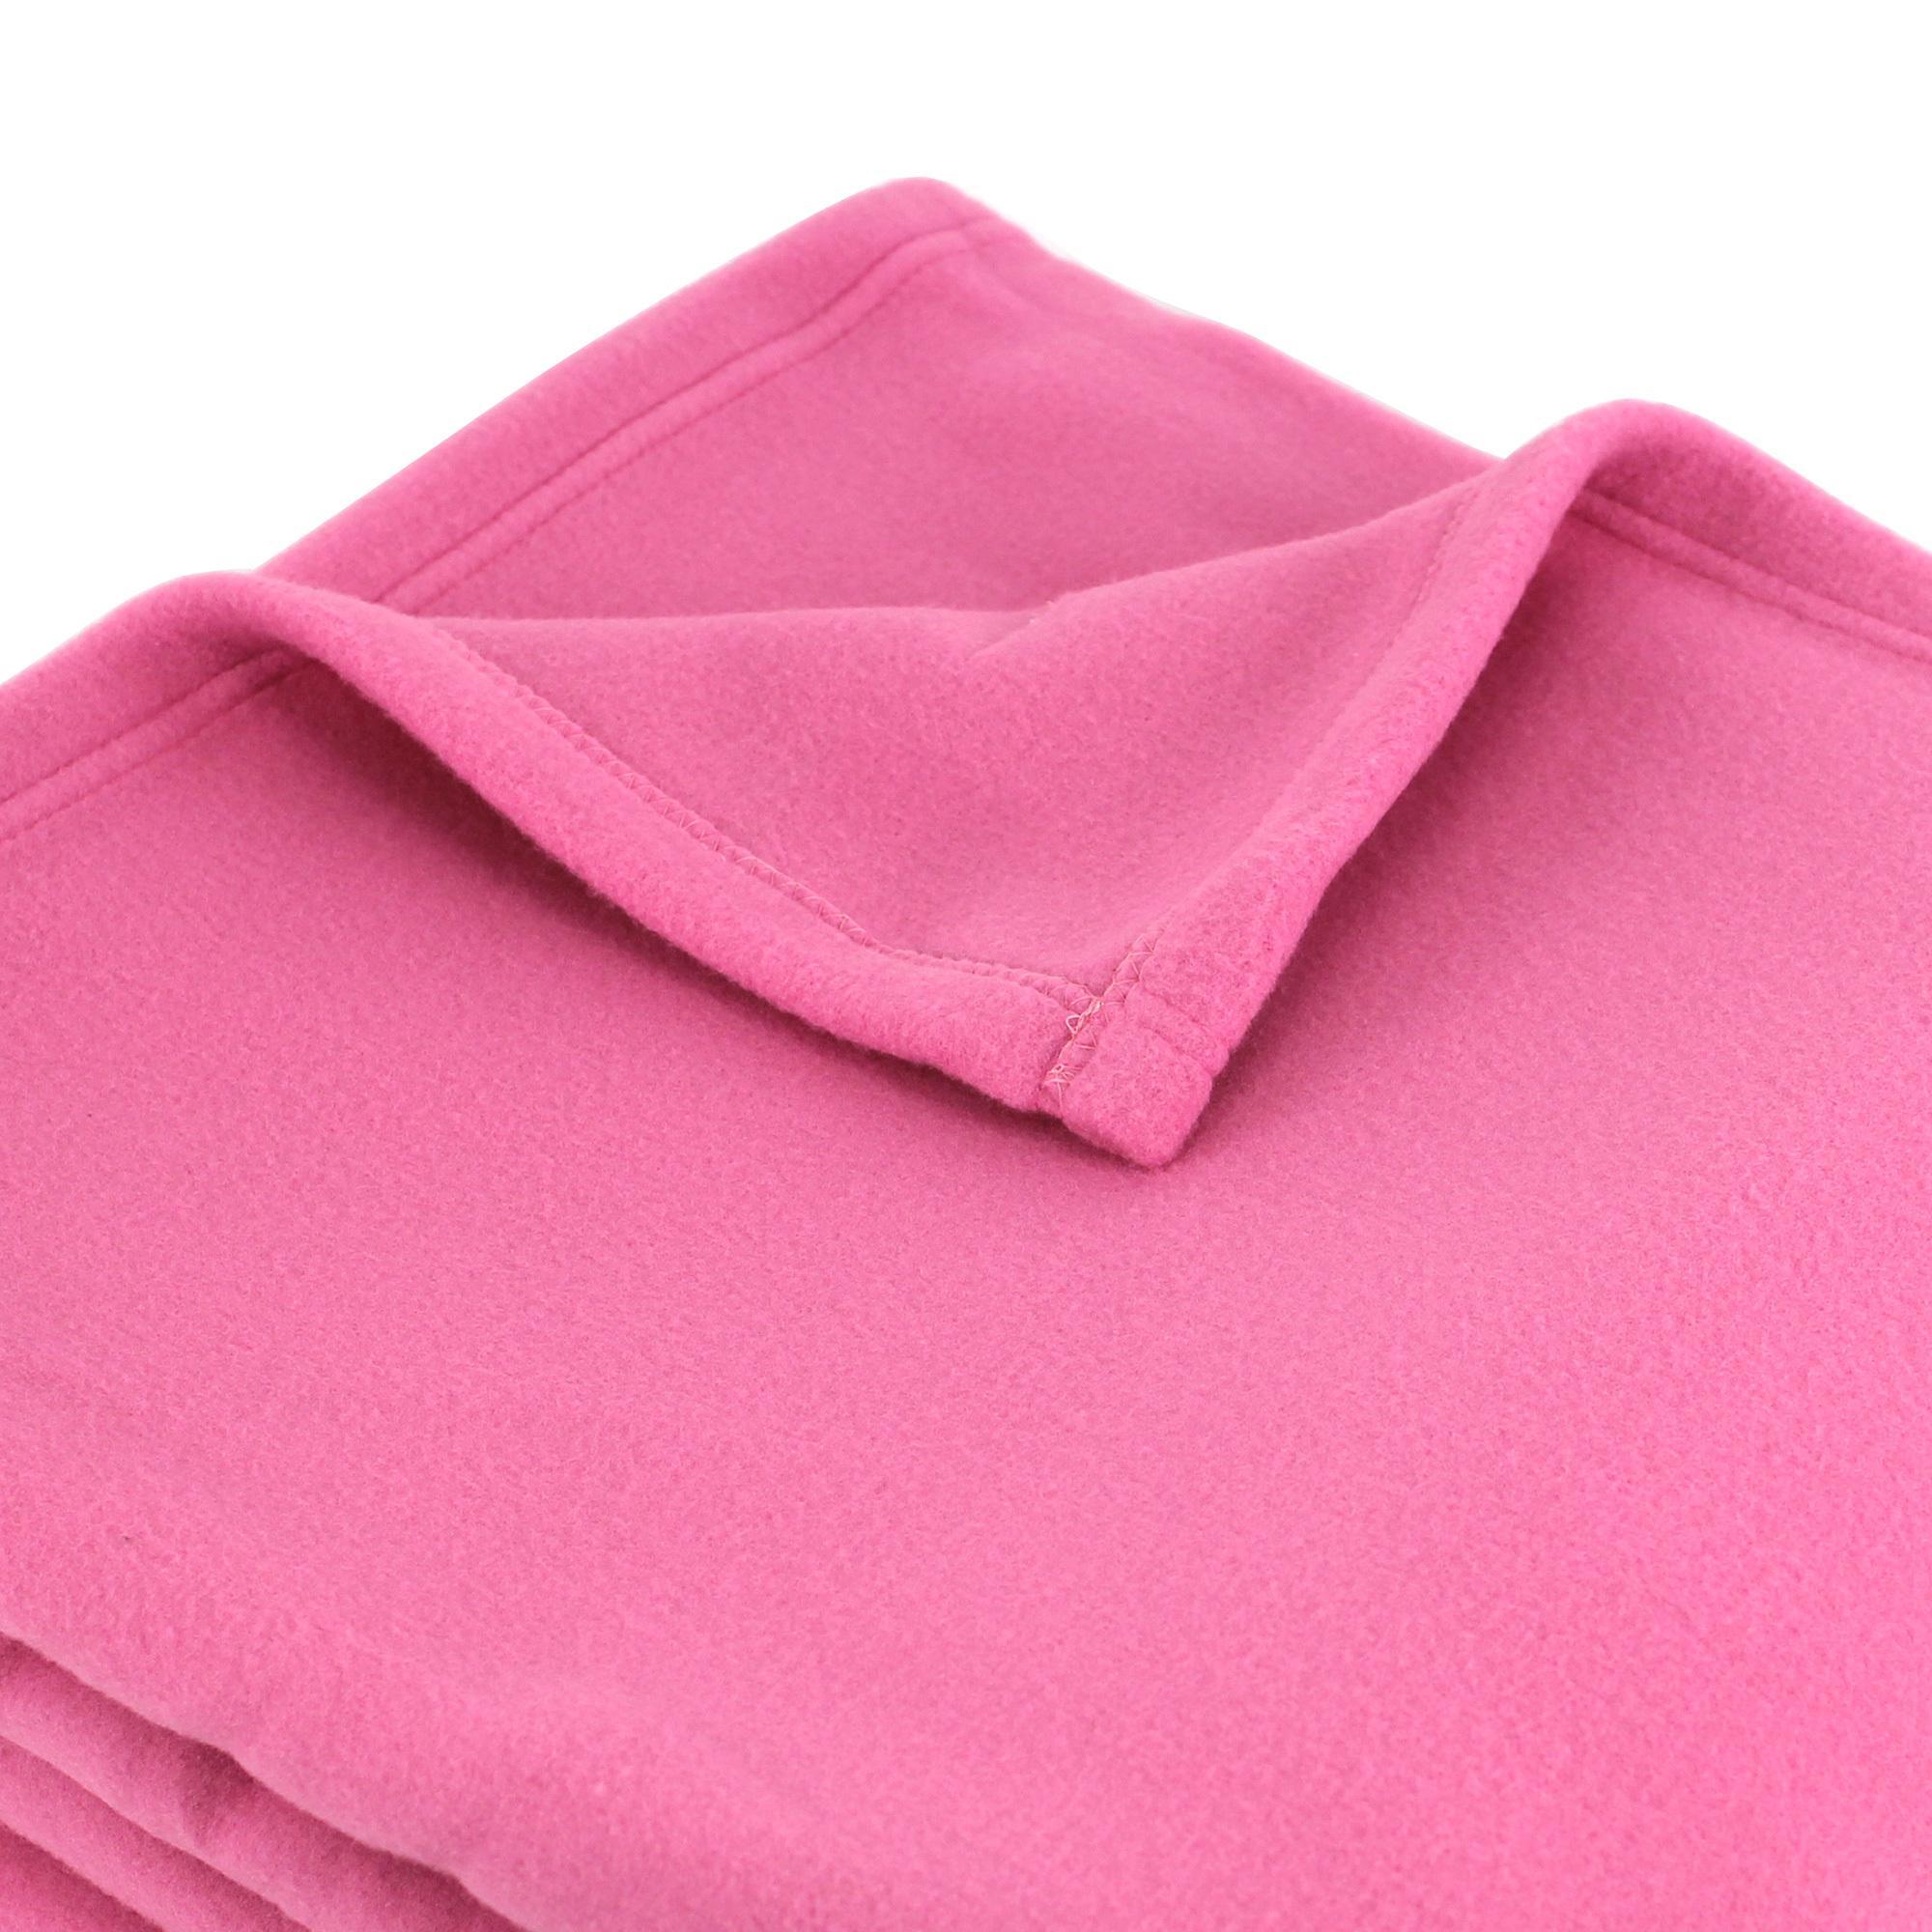 couverture polaire polyester 220x240 cm teddy petunia linnea linge de maison et. Black Bedroom Furniture Sets. Home Design Ideas